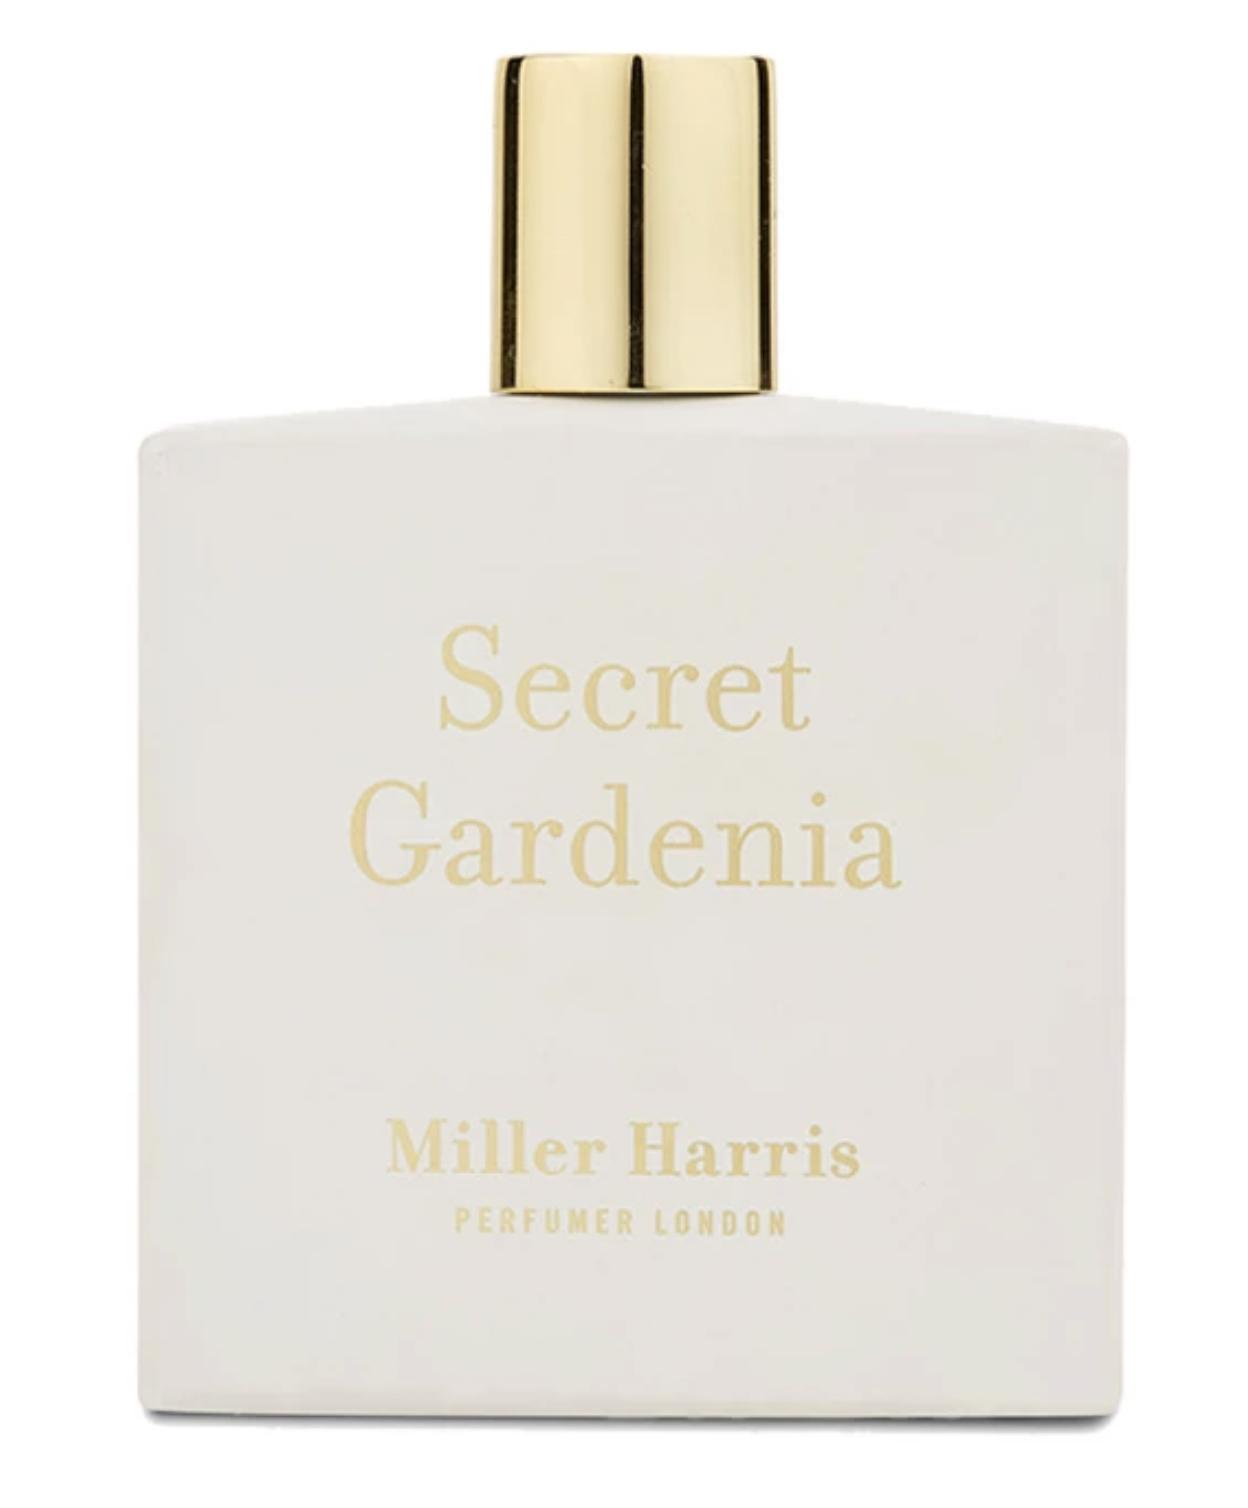 MILLER_HARRIS_SECRET_GARDENIA.